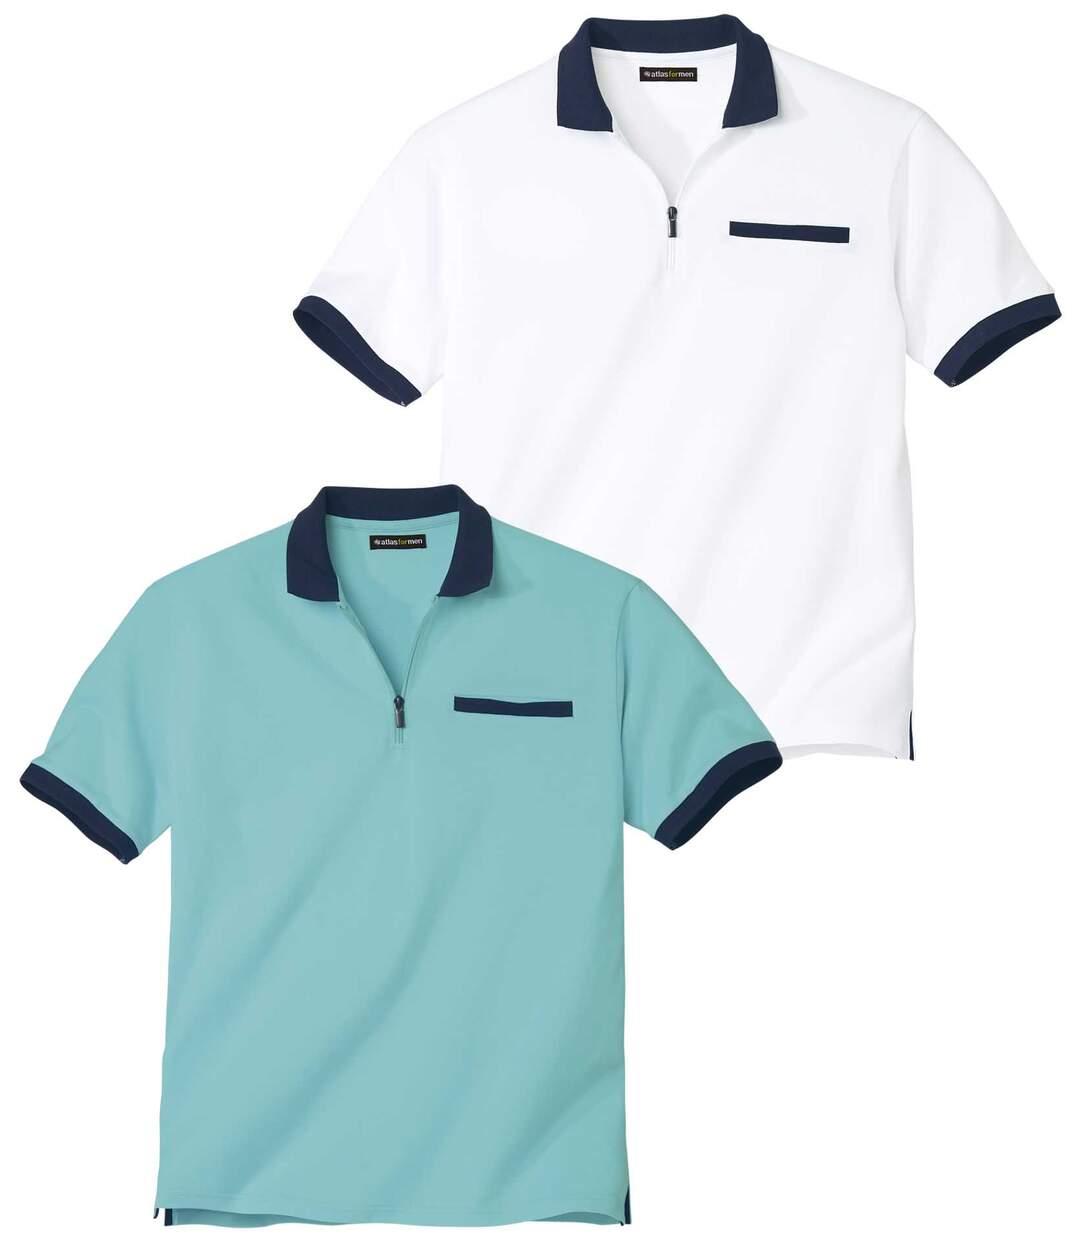 2er-Pack T-Shirts Marina mit Doppelkragen